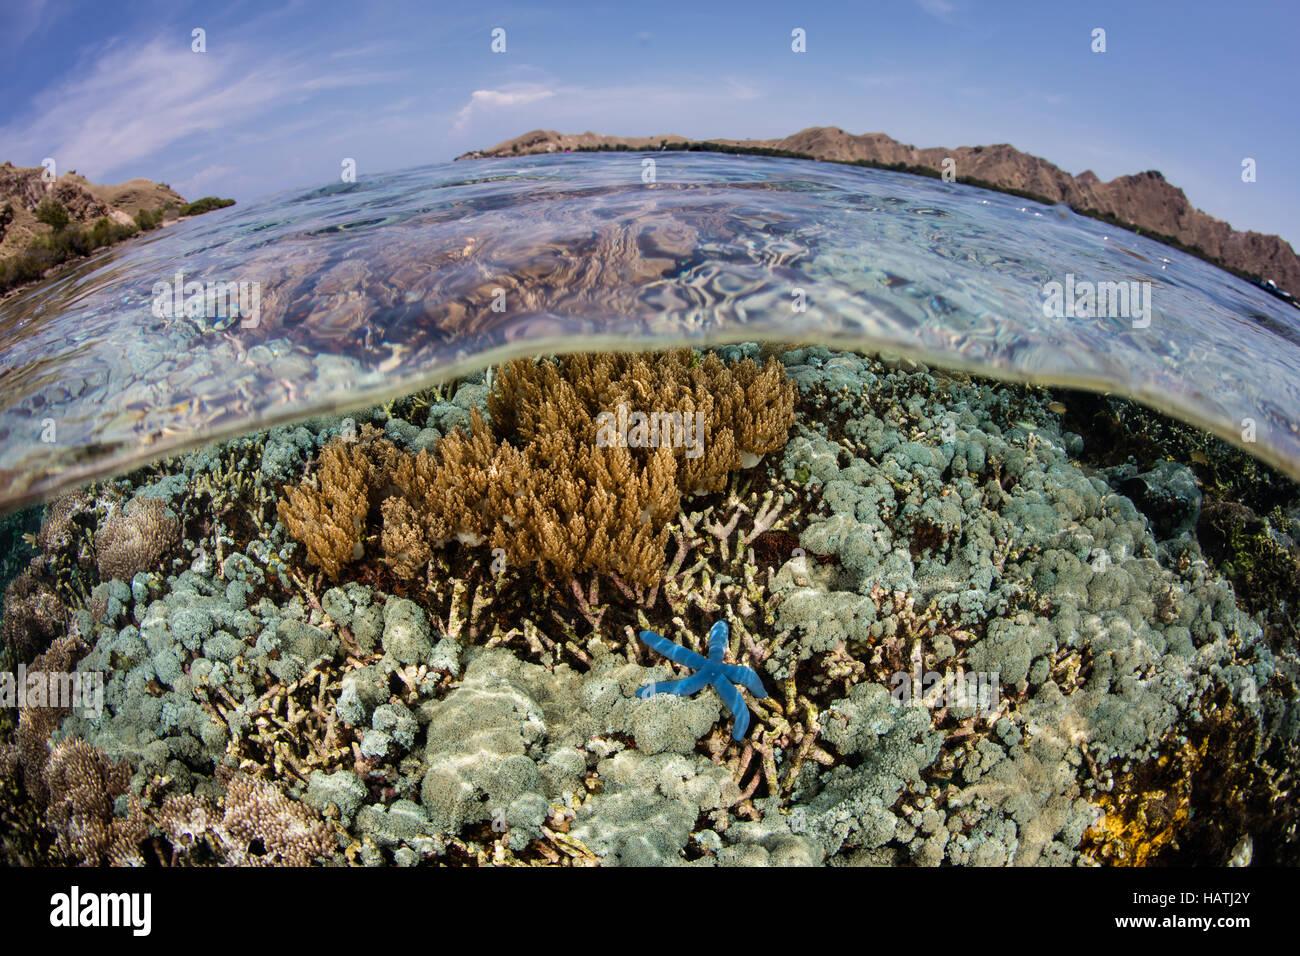 Un buen conjunto de corales crece en aguas poco profundas en el Parque Nacional de Komodo. Esta región es conocida por su alta biodiversidad marina. Foto de stock